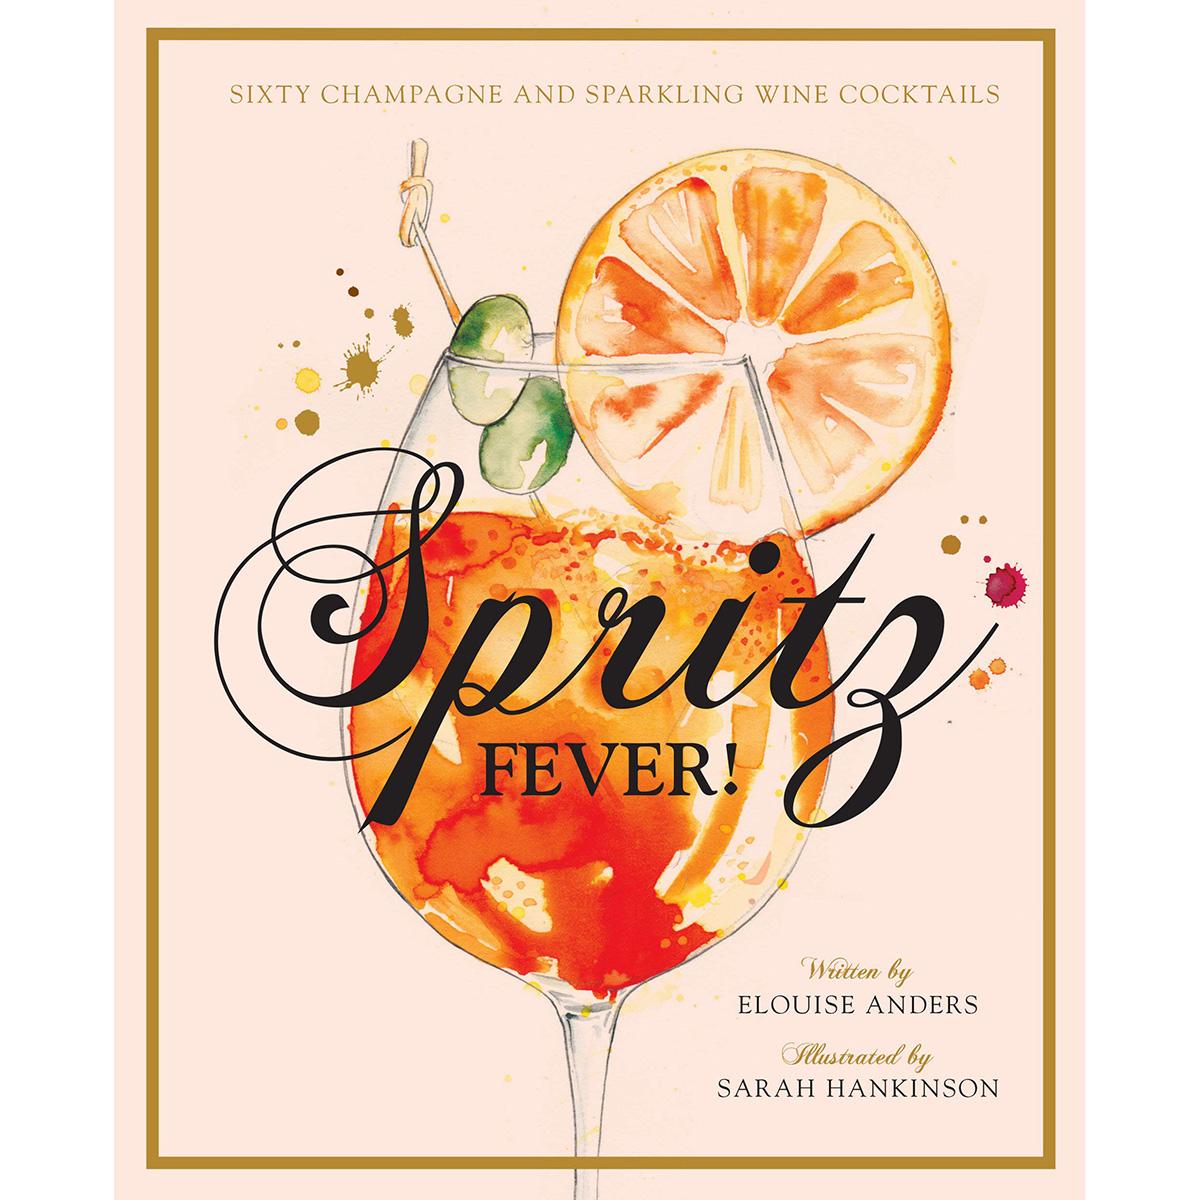 Spritz Fever